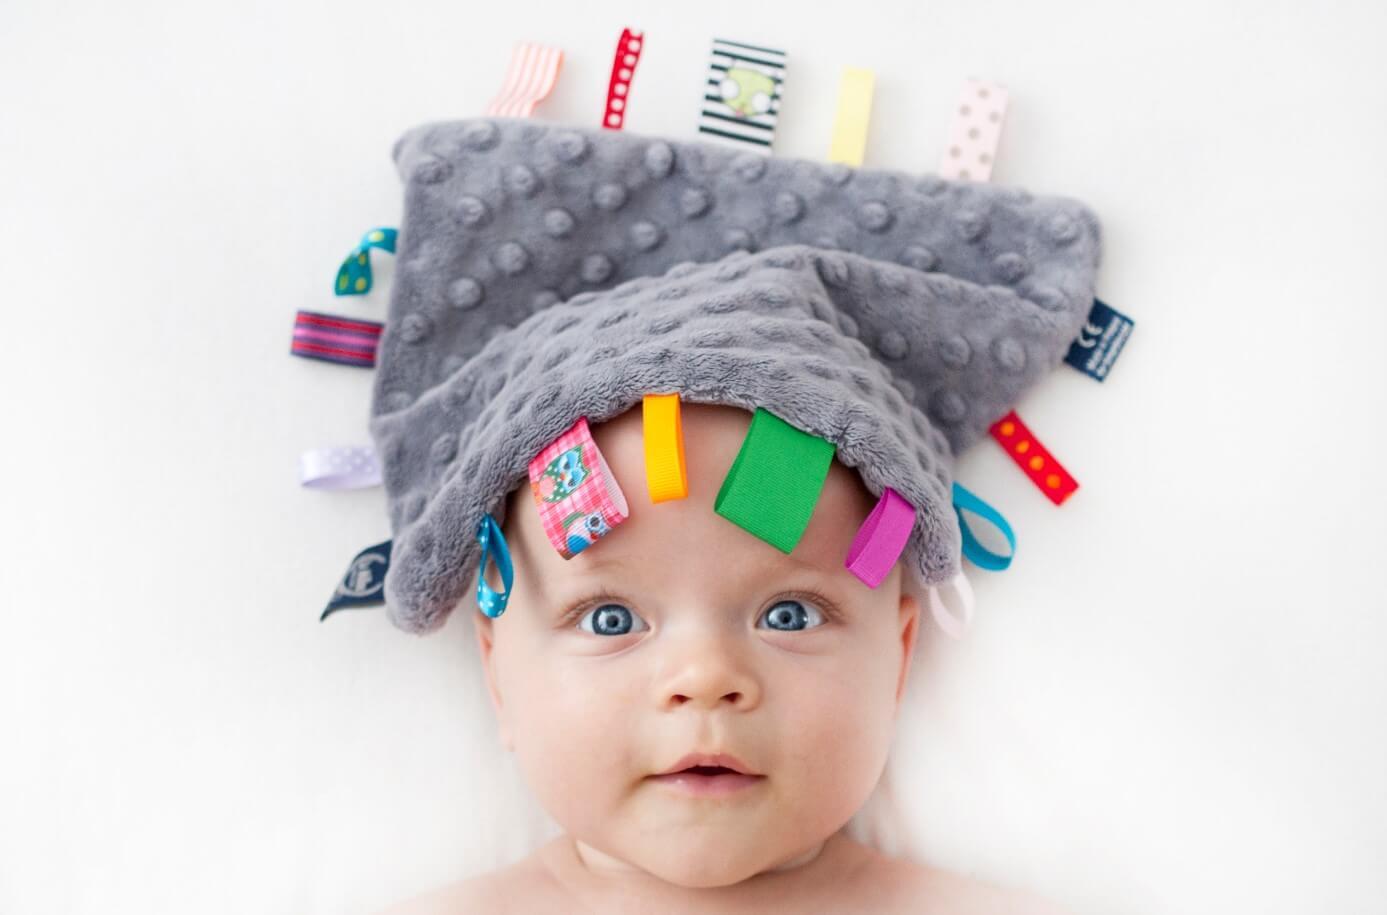 安撫巾是什麼?